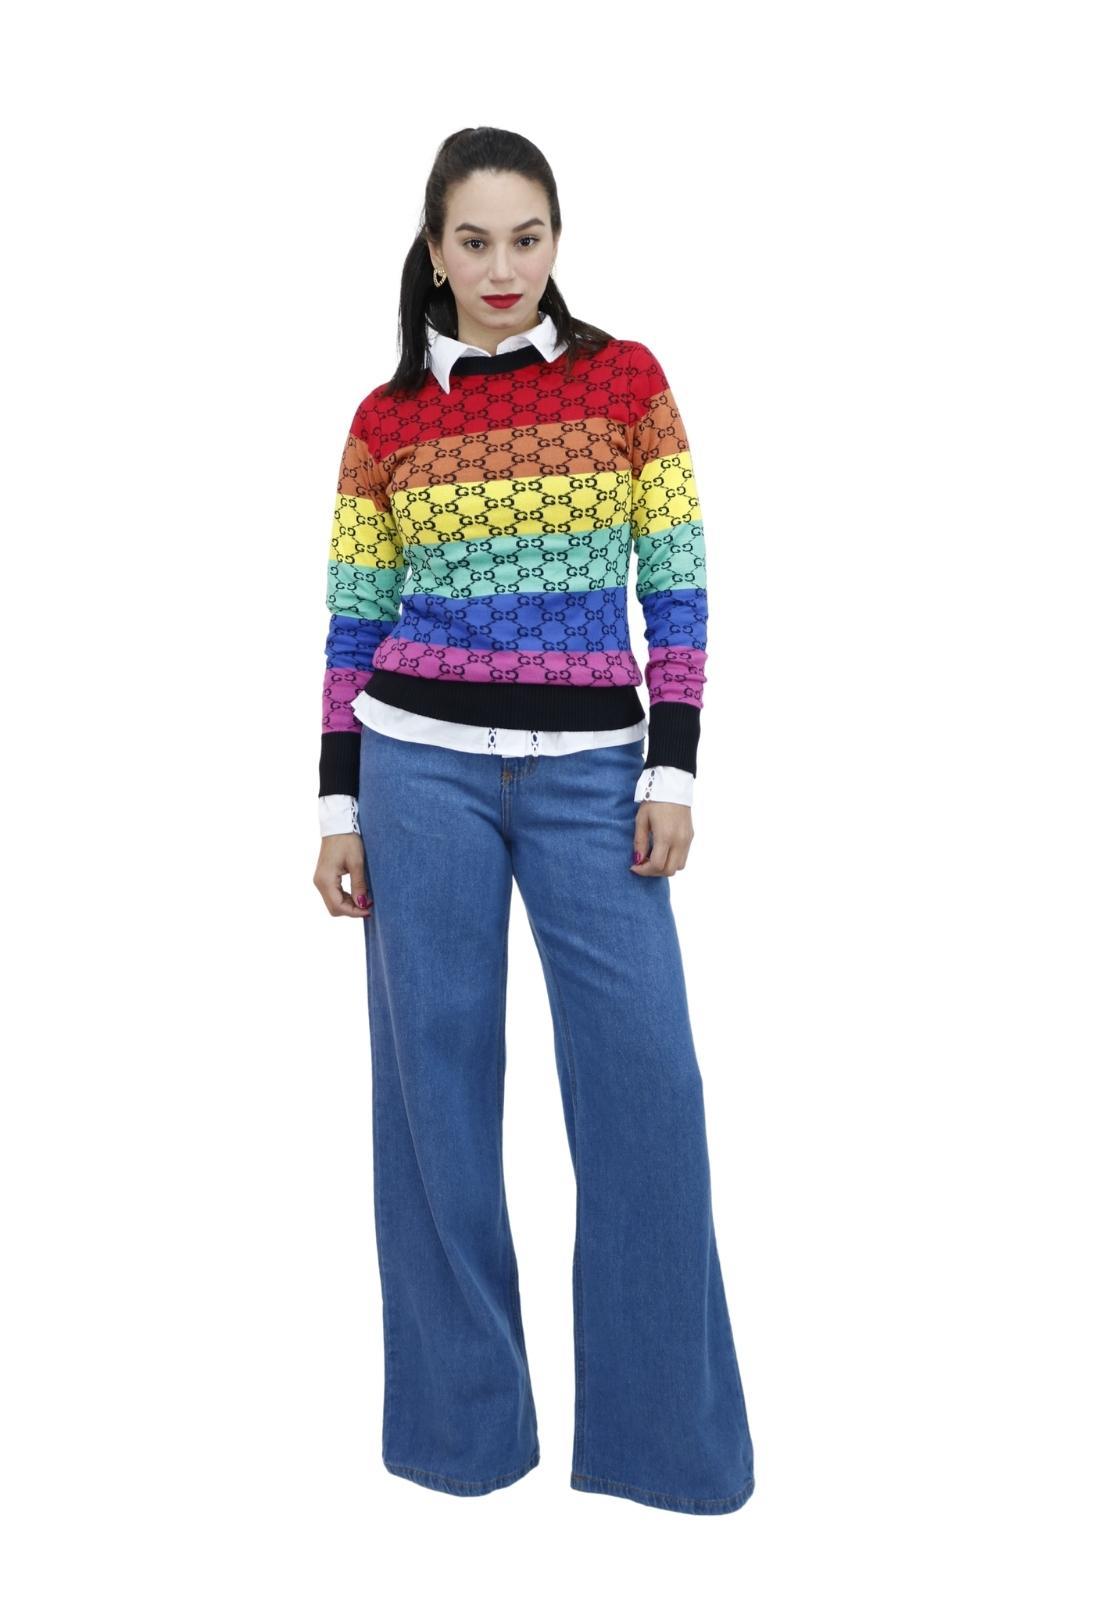 Blusa Feminina Tricot Estampa Colorida